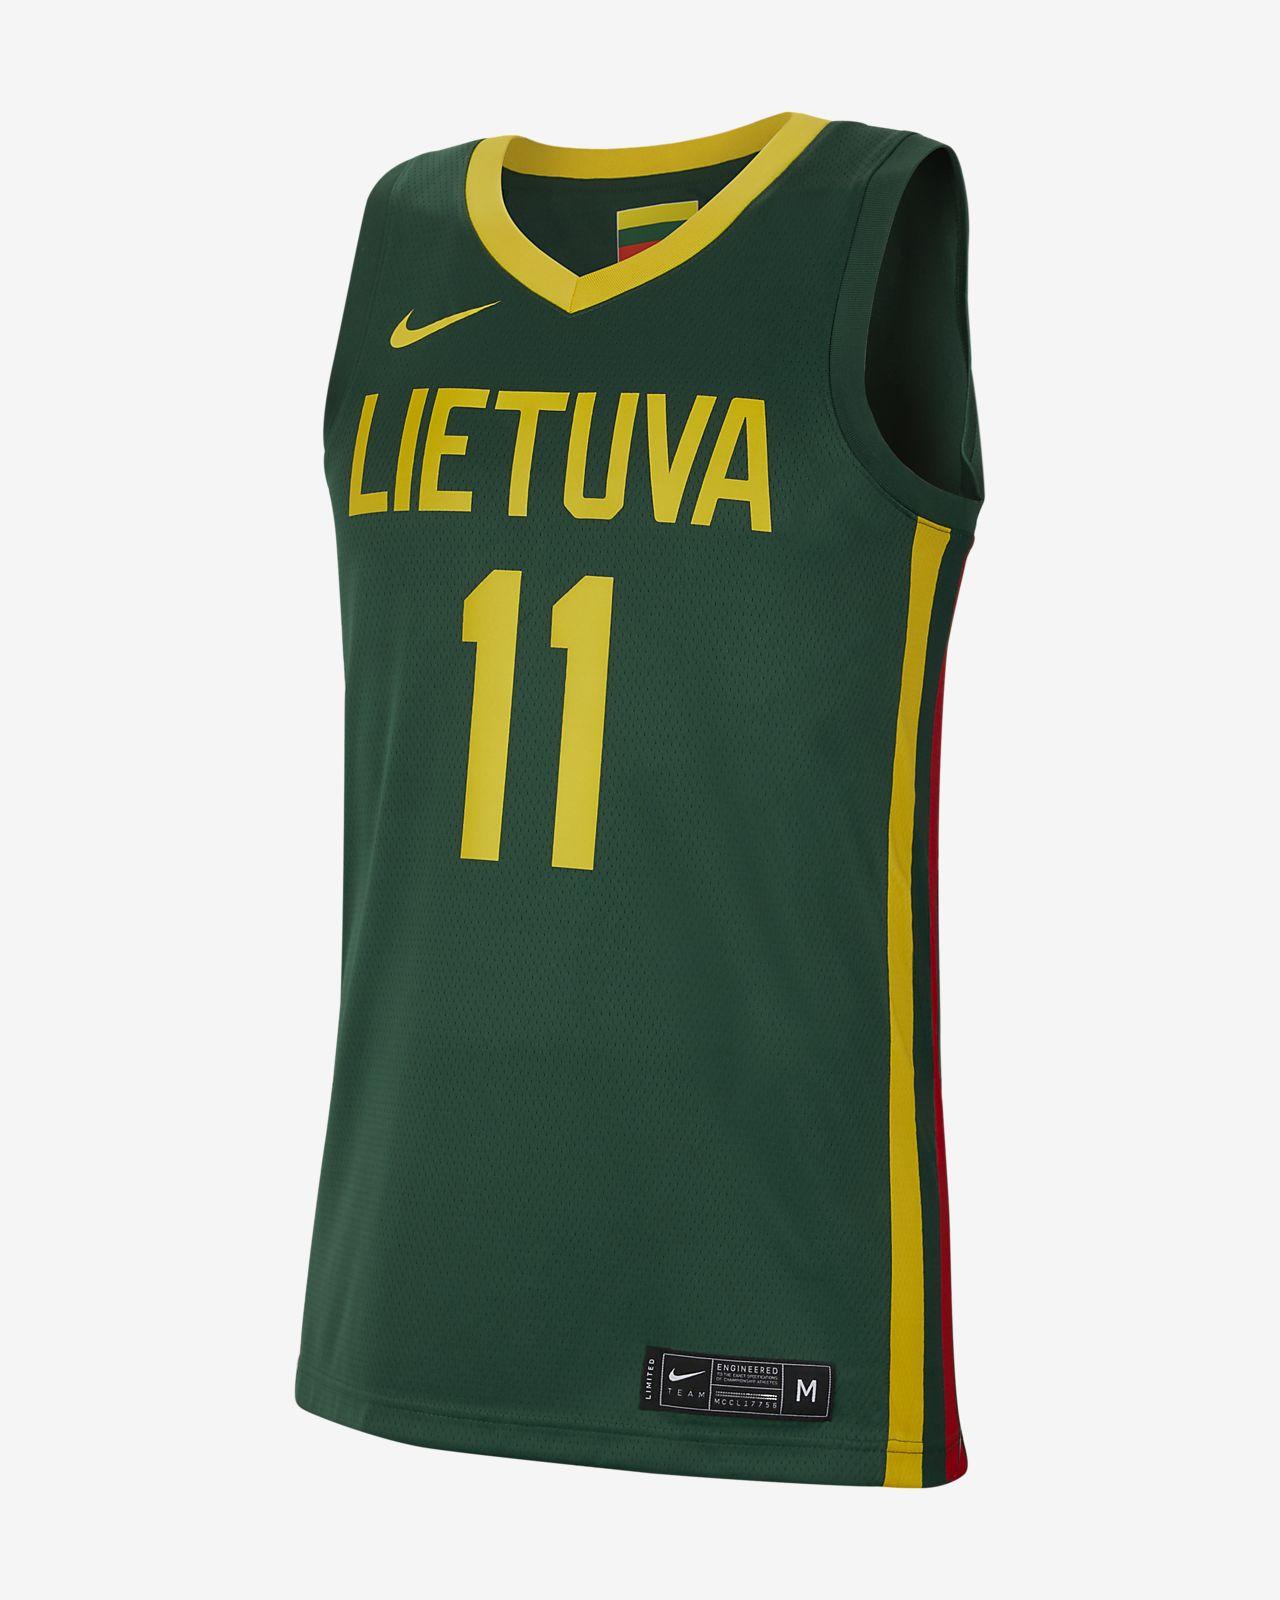 Ανδρική φανέλα μπάσκετ Lithuania Nike (Road)